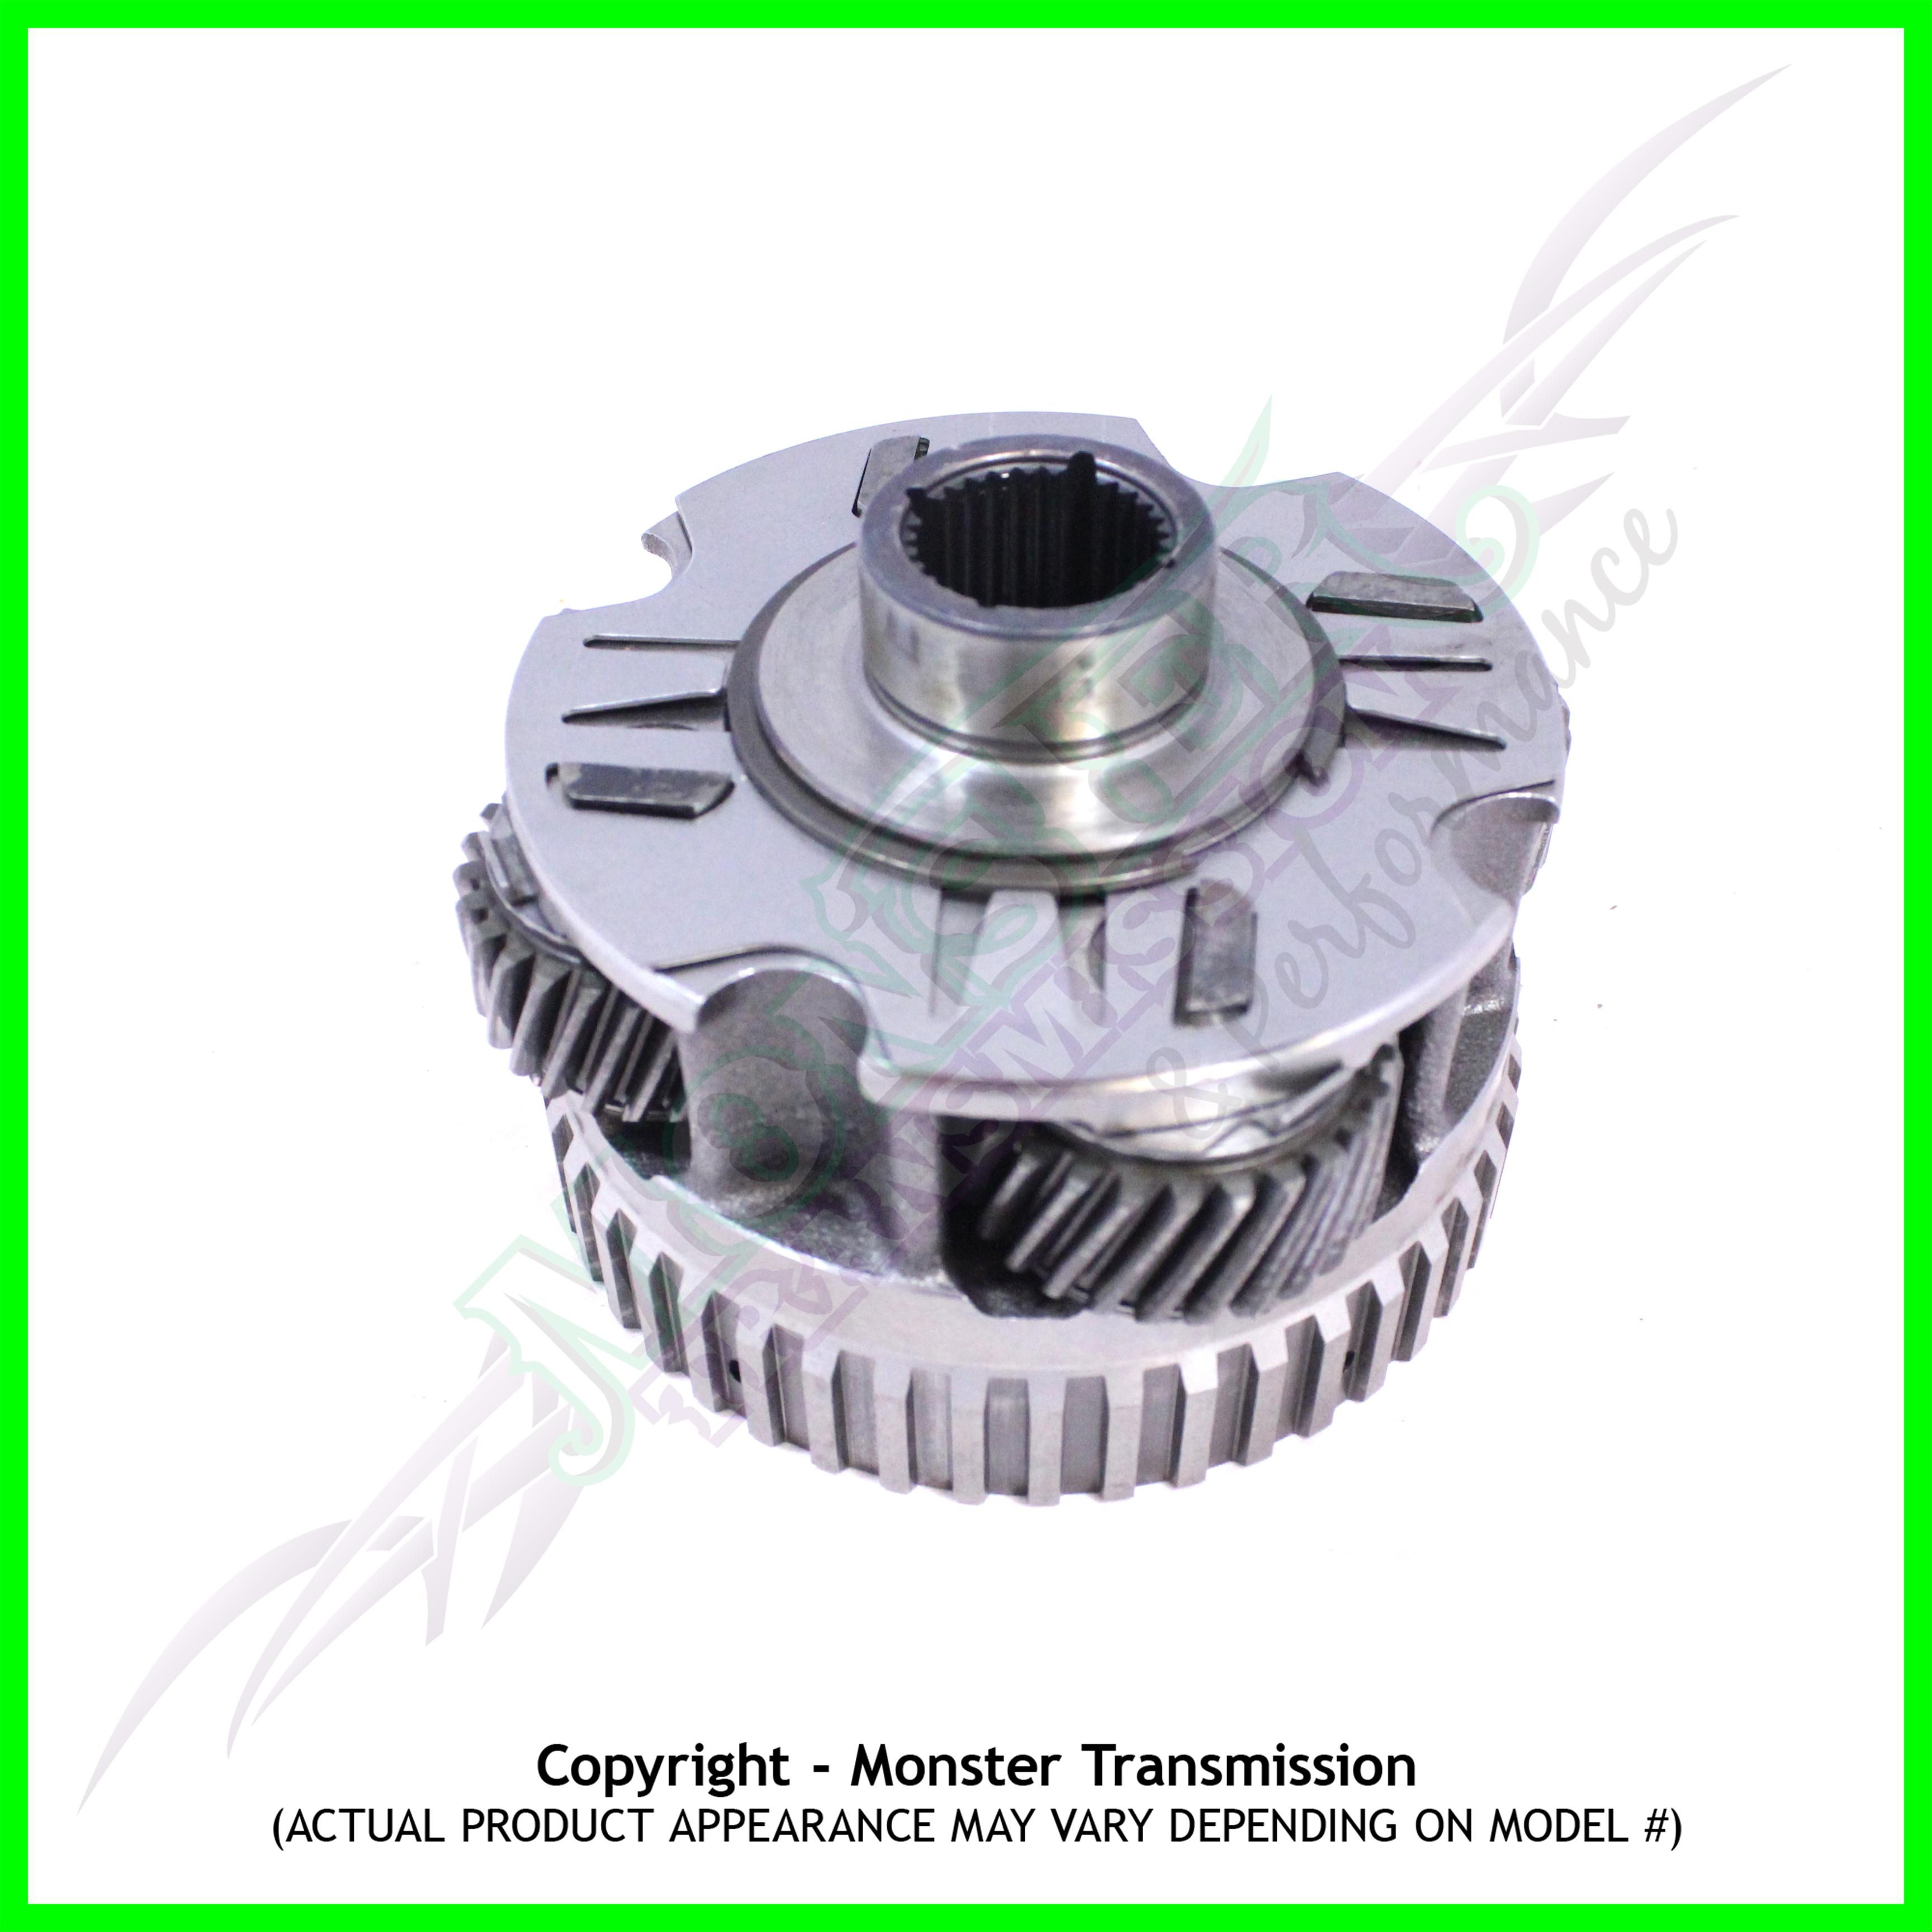 4l80e transmission 4l80e monster transmission 4l80